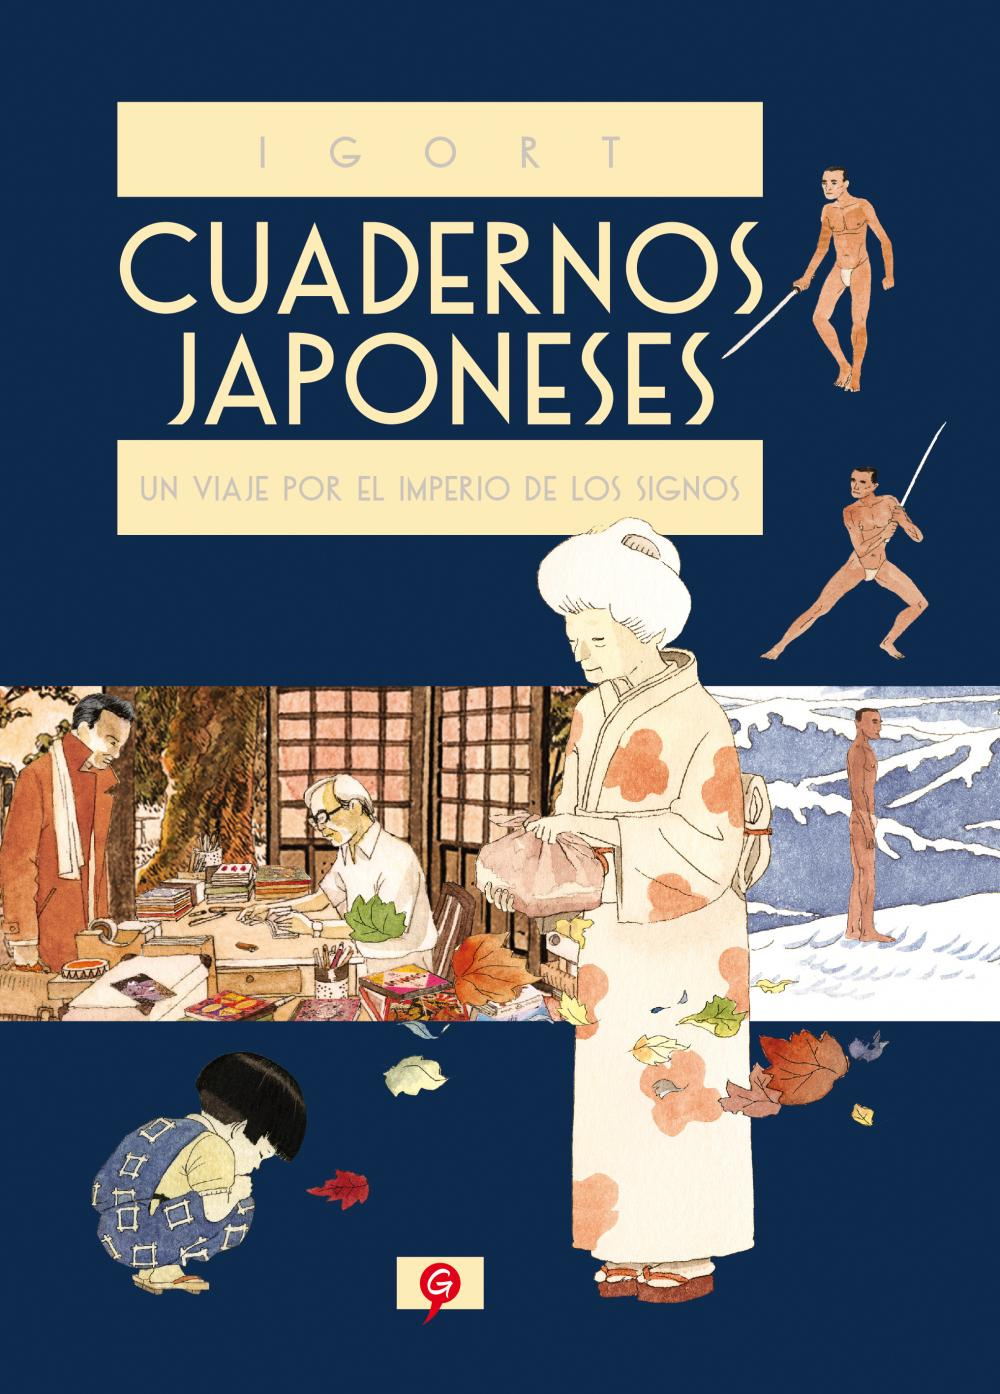 Un viaje por el imperio de los signos (Cuadernos japoneses 1)